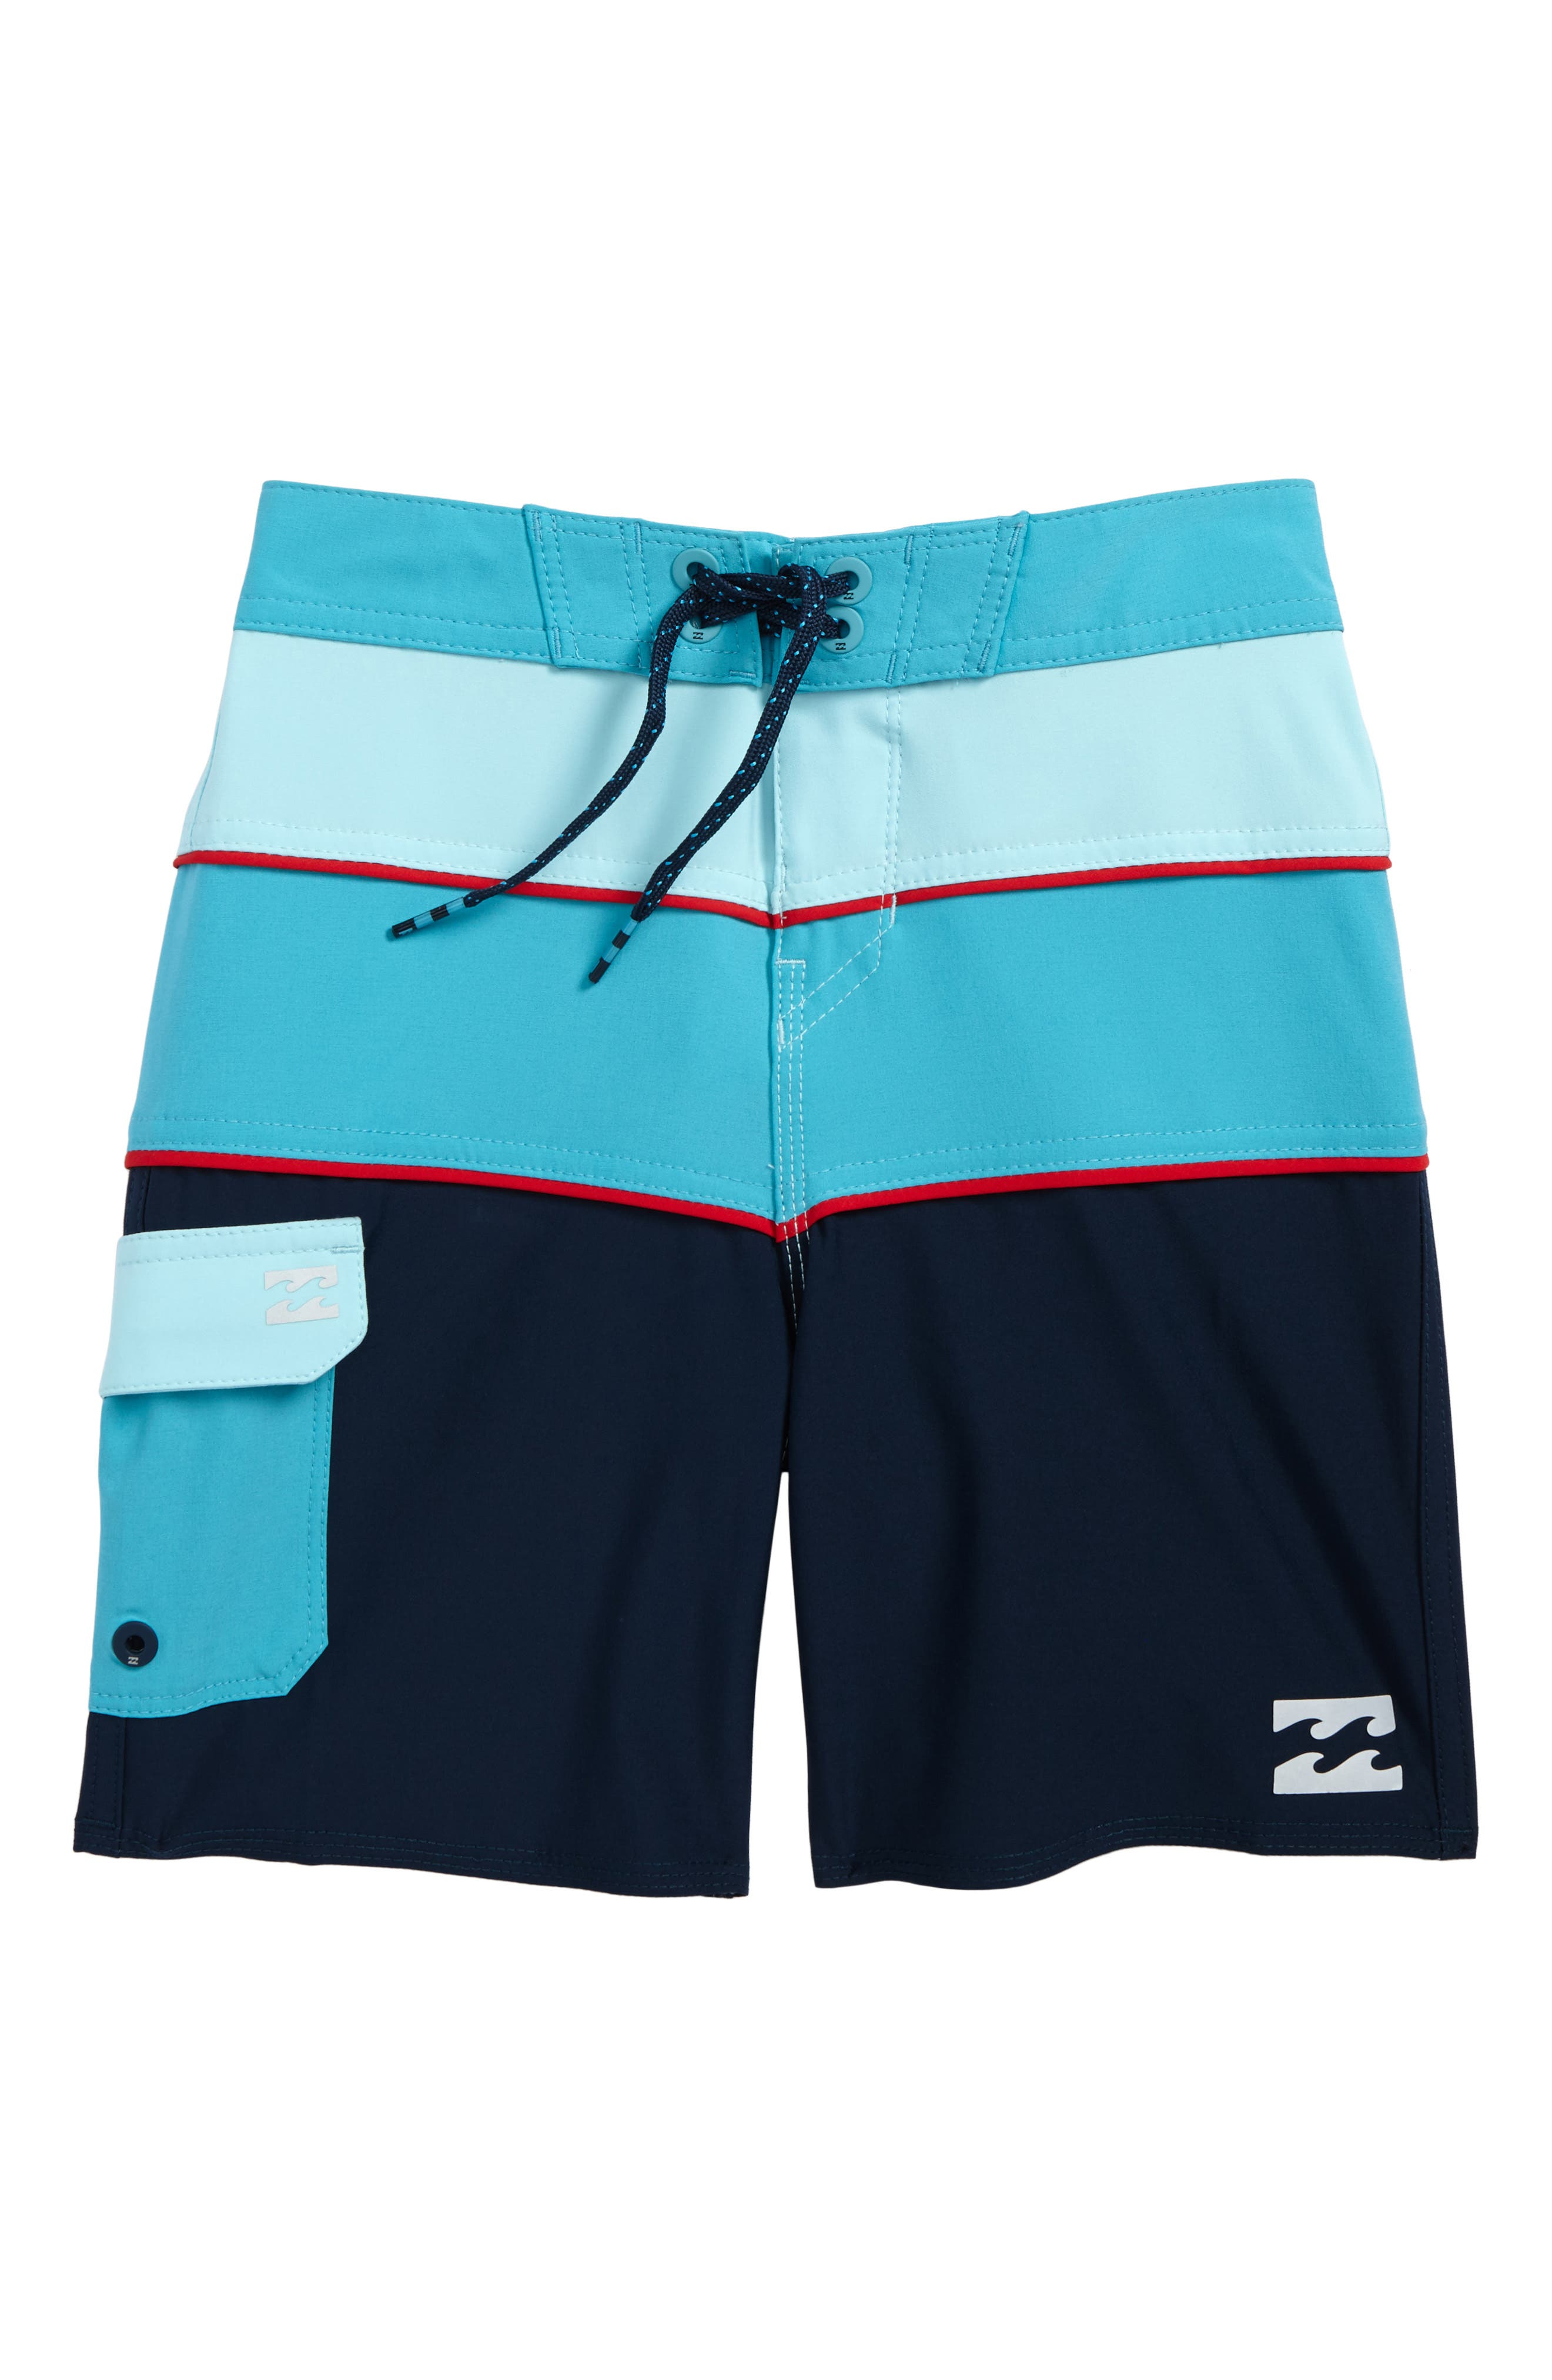 Tribong X Board Shorts,                         Main,                         color, 415